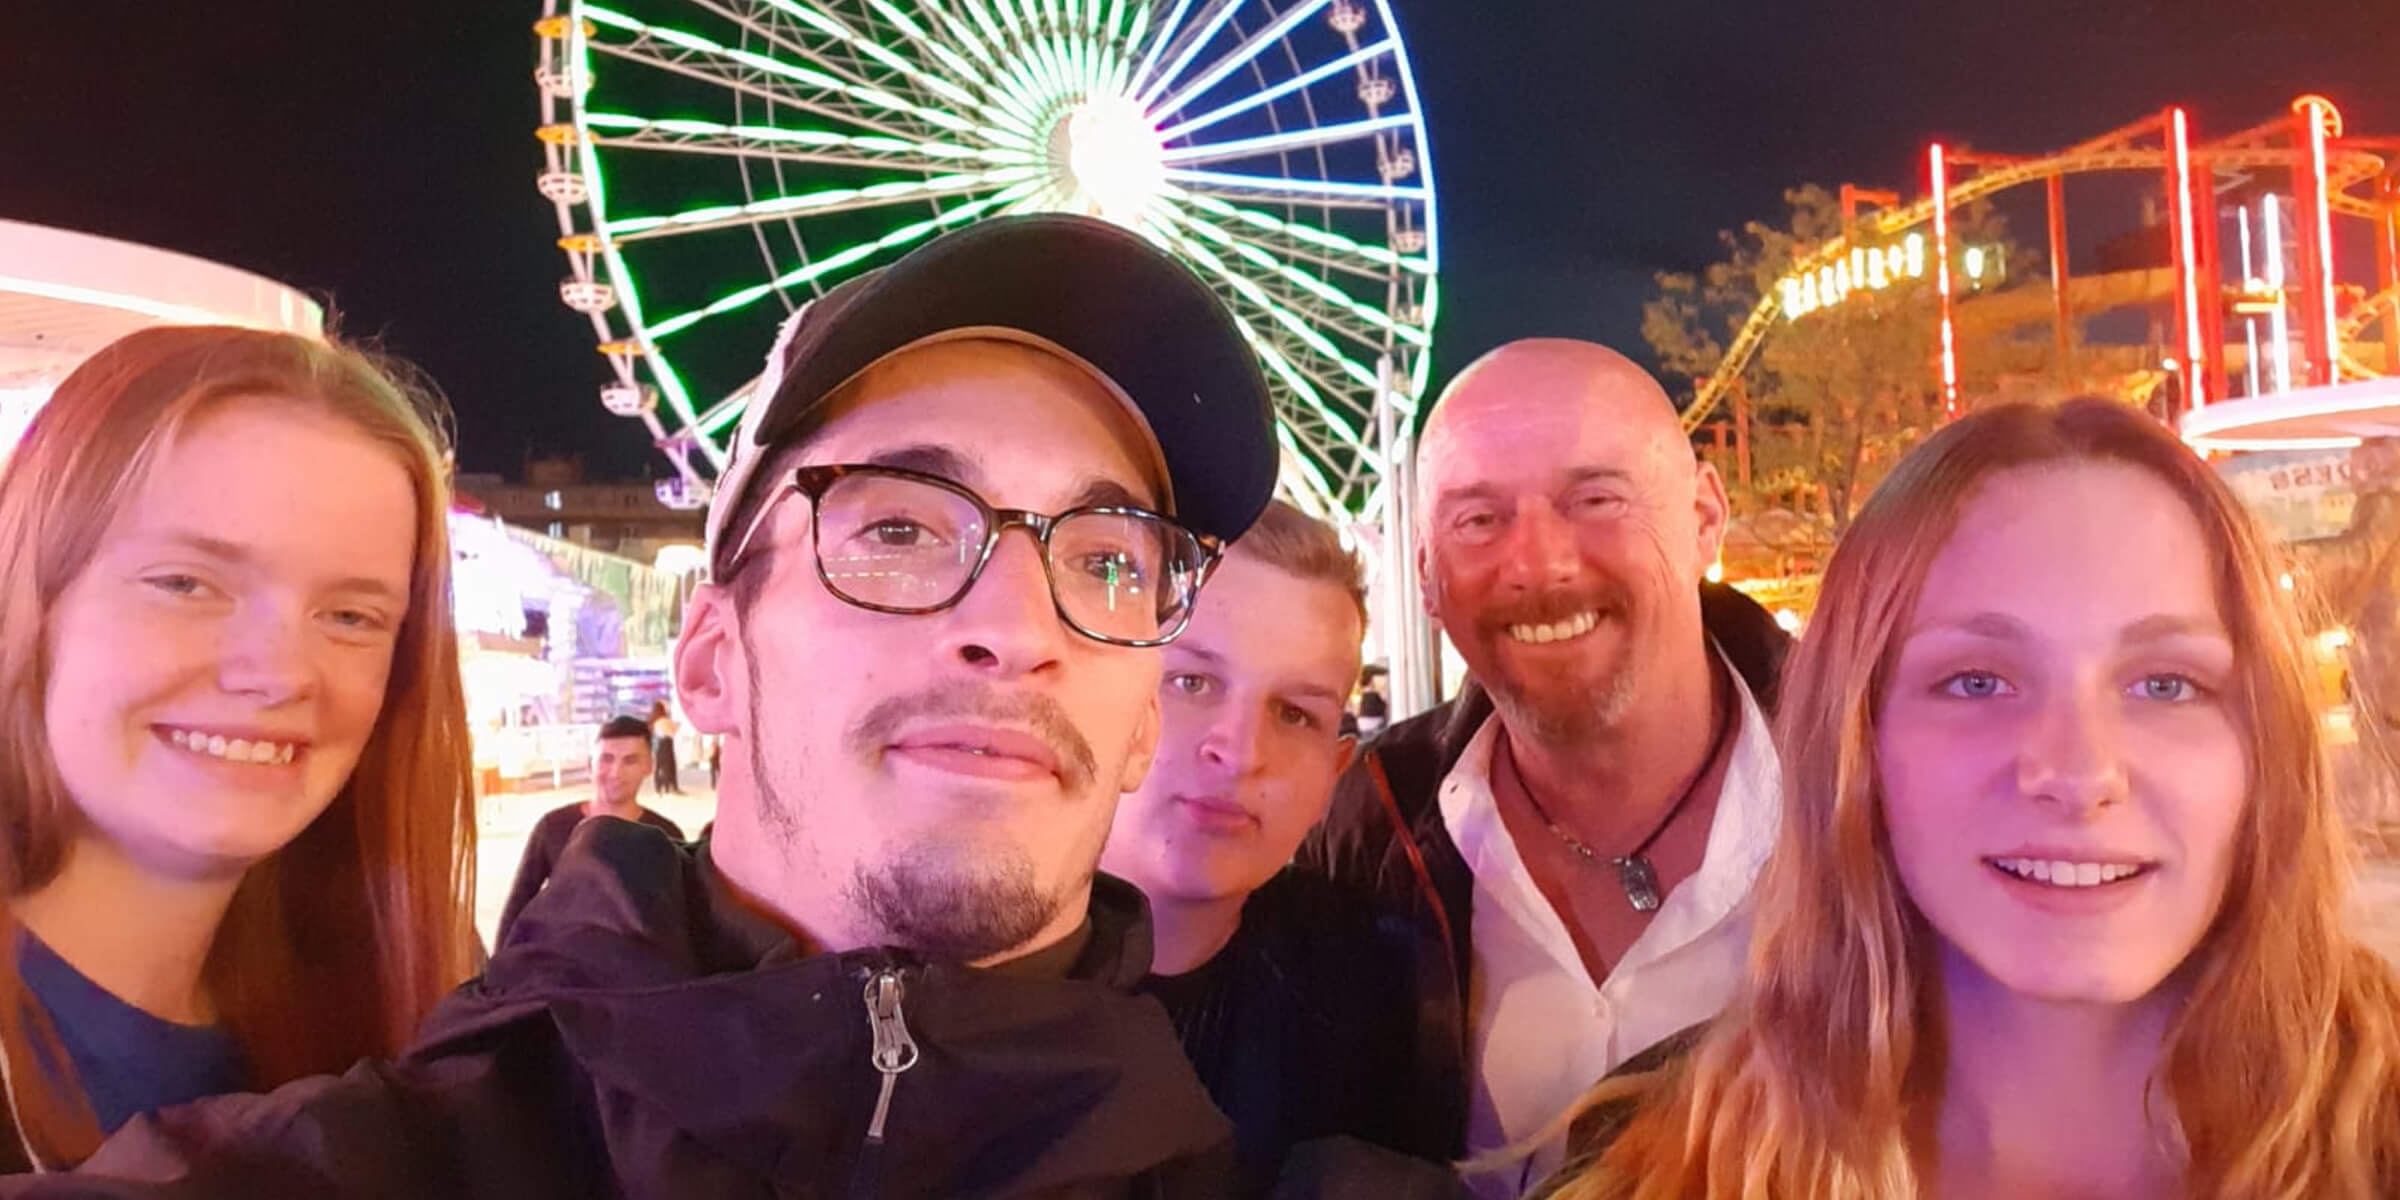 Nachtsituation, im Hintergrund ein Riesenrad. Im Vordergrund stehen junge Teilnehmende und ein Ausbilder und lächeln in die Kamera